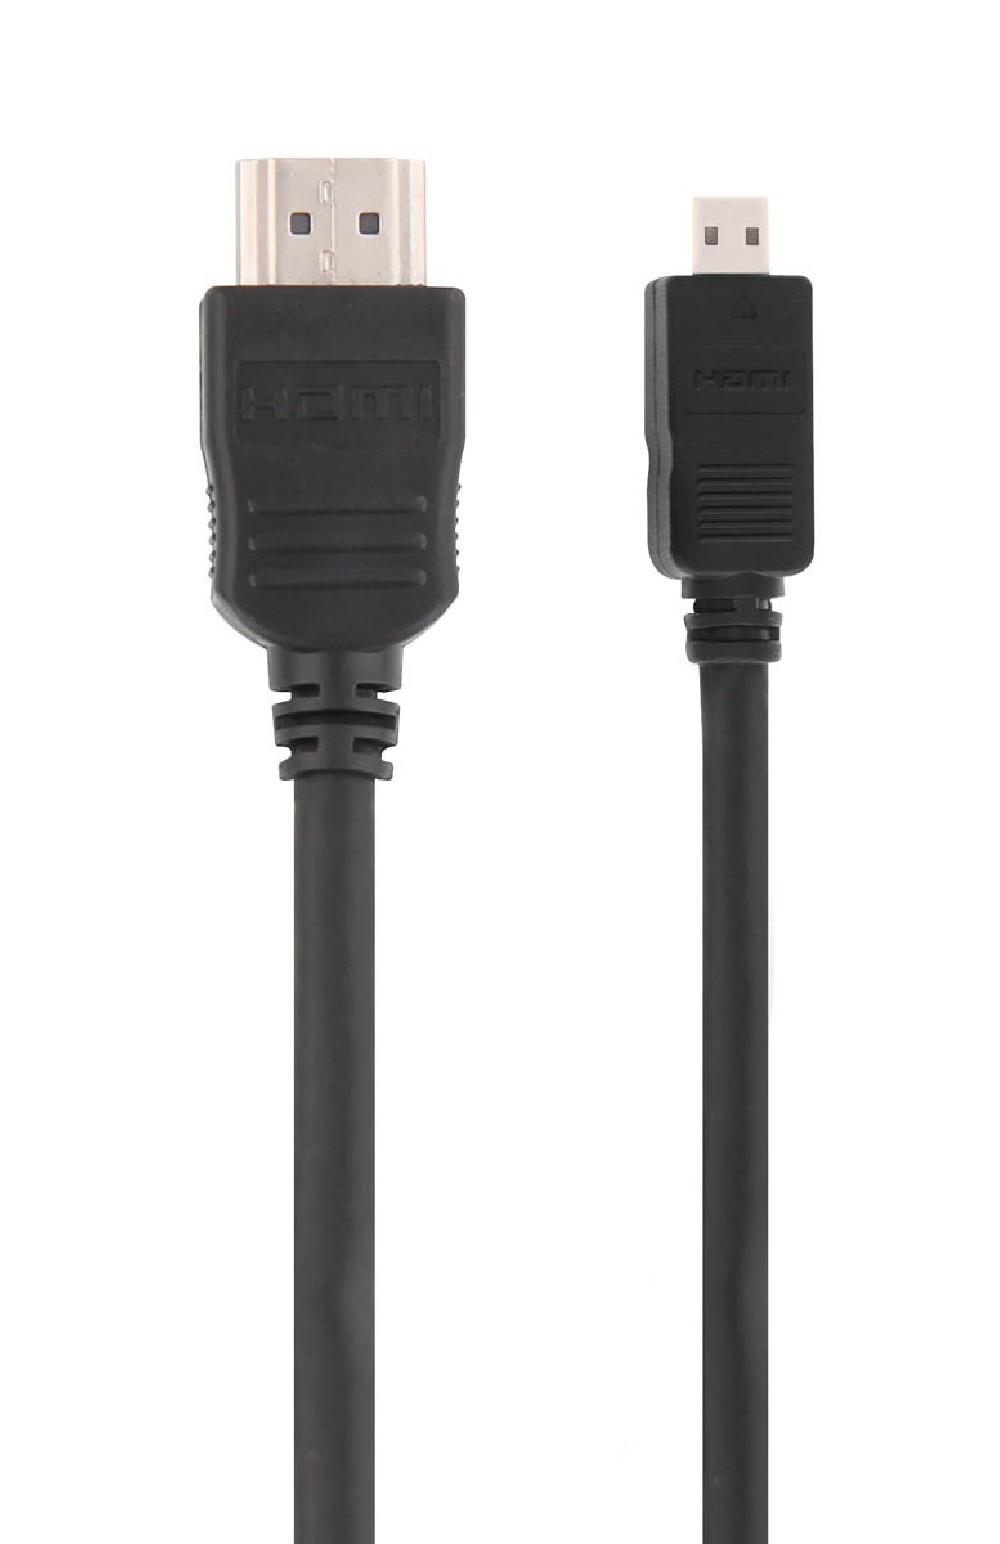 CABLE HDMI / MICRO HDMI 2M